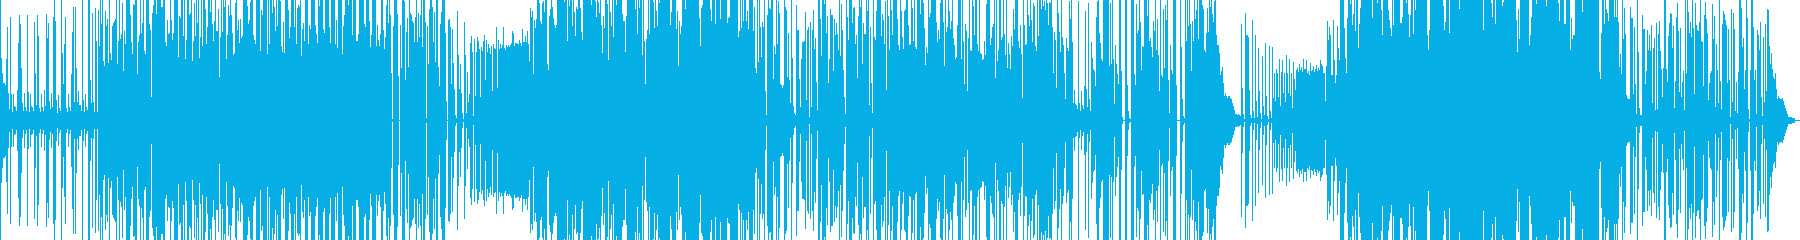 ダブステップ。ベース。ヒップホップ...の再生済みの波形